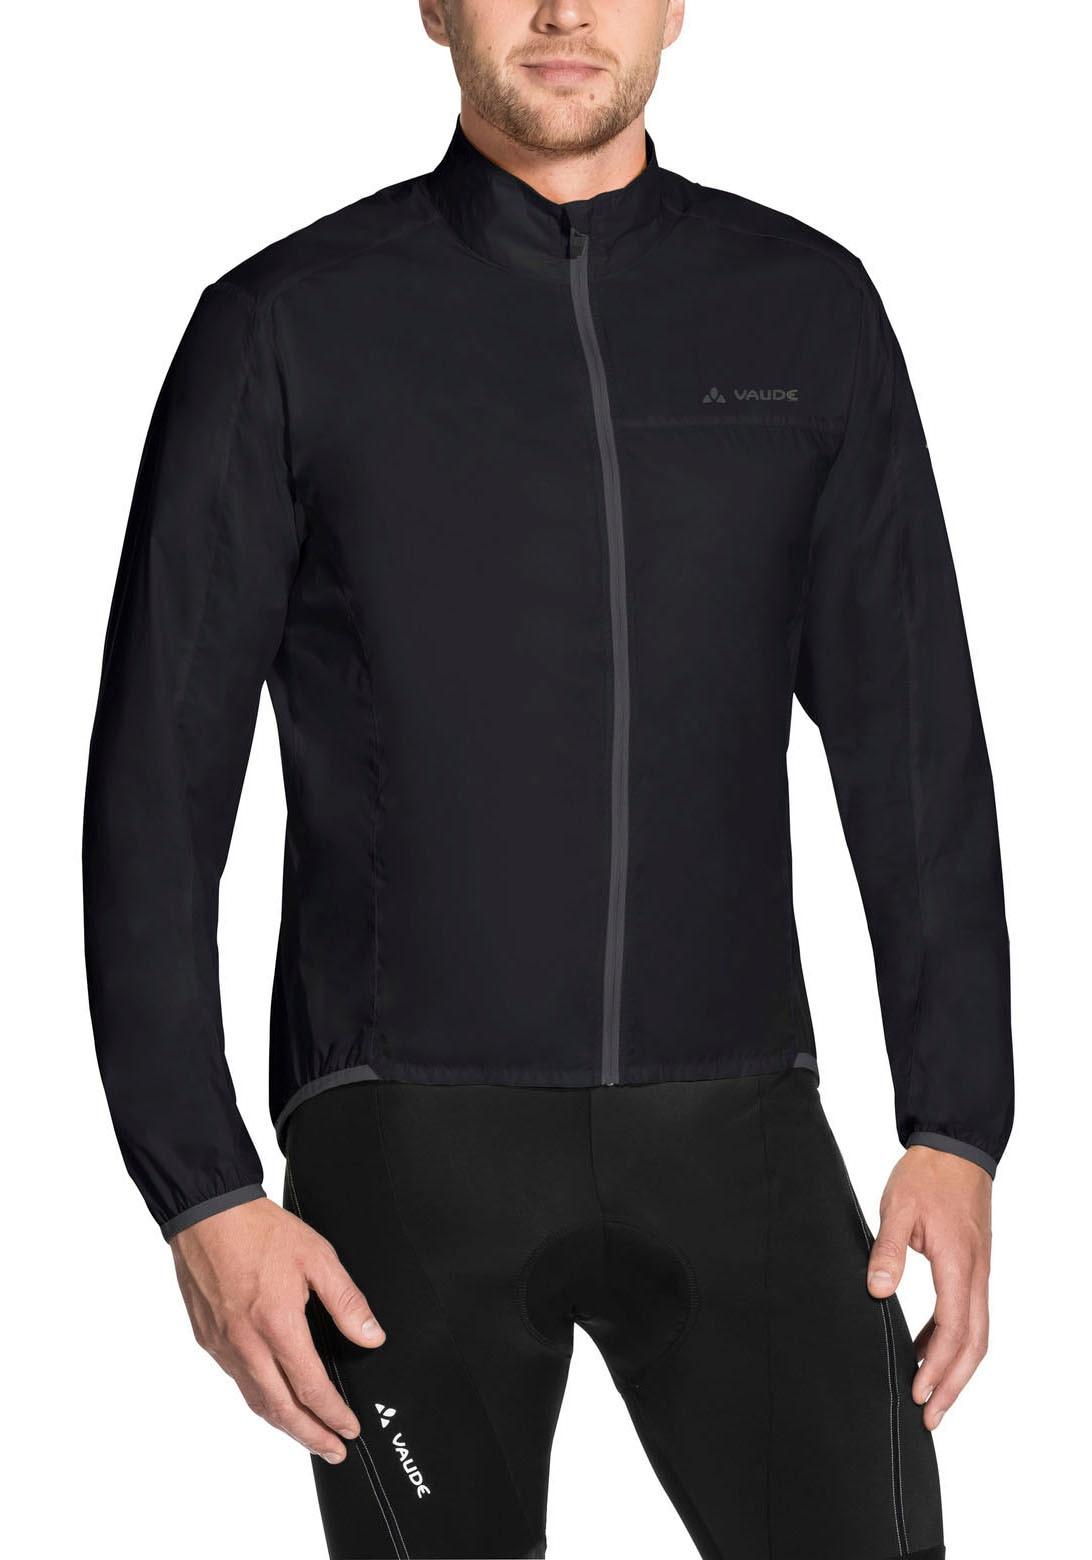 VAUDE Fahrradjacke   Sportbekleidung > Sportjacken > Fahrradjacken   Vaude